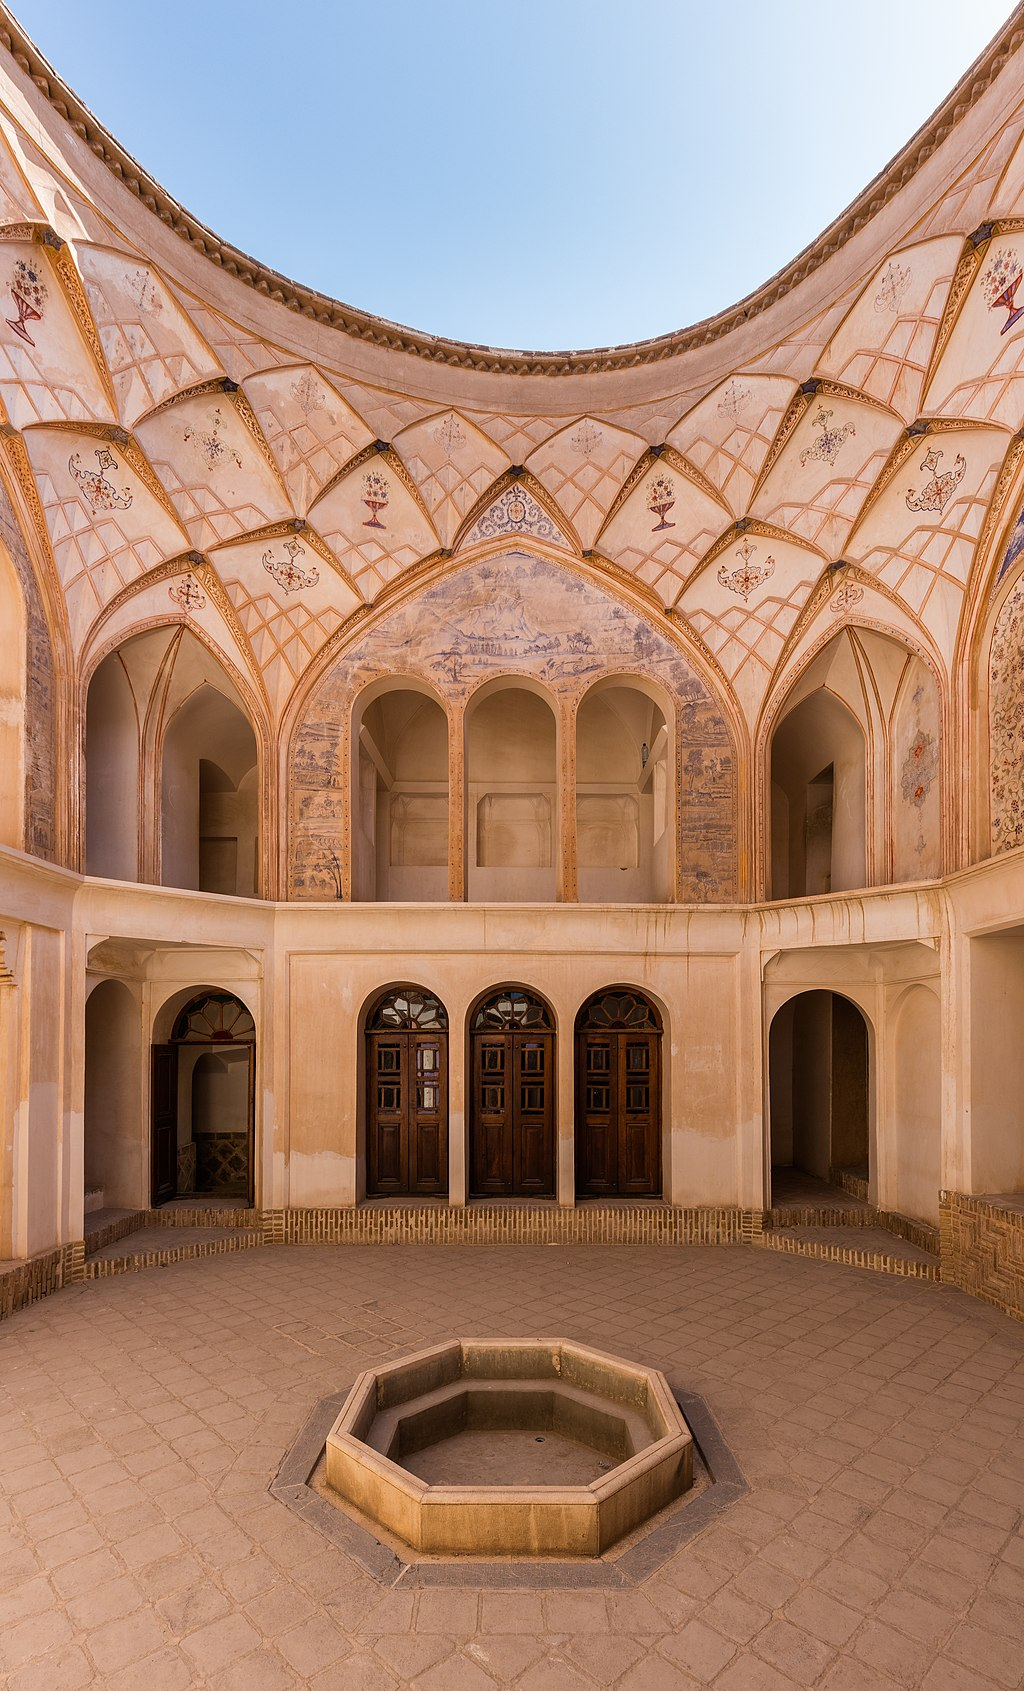 Casa histórica de Tabatabaeis, Kashan, Irán, 2016-09-19, DD 65.jpg